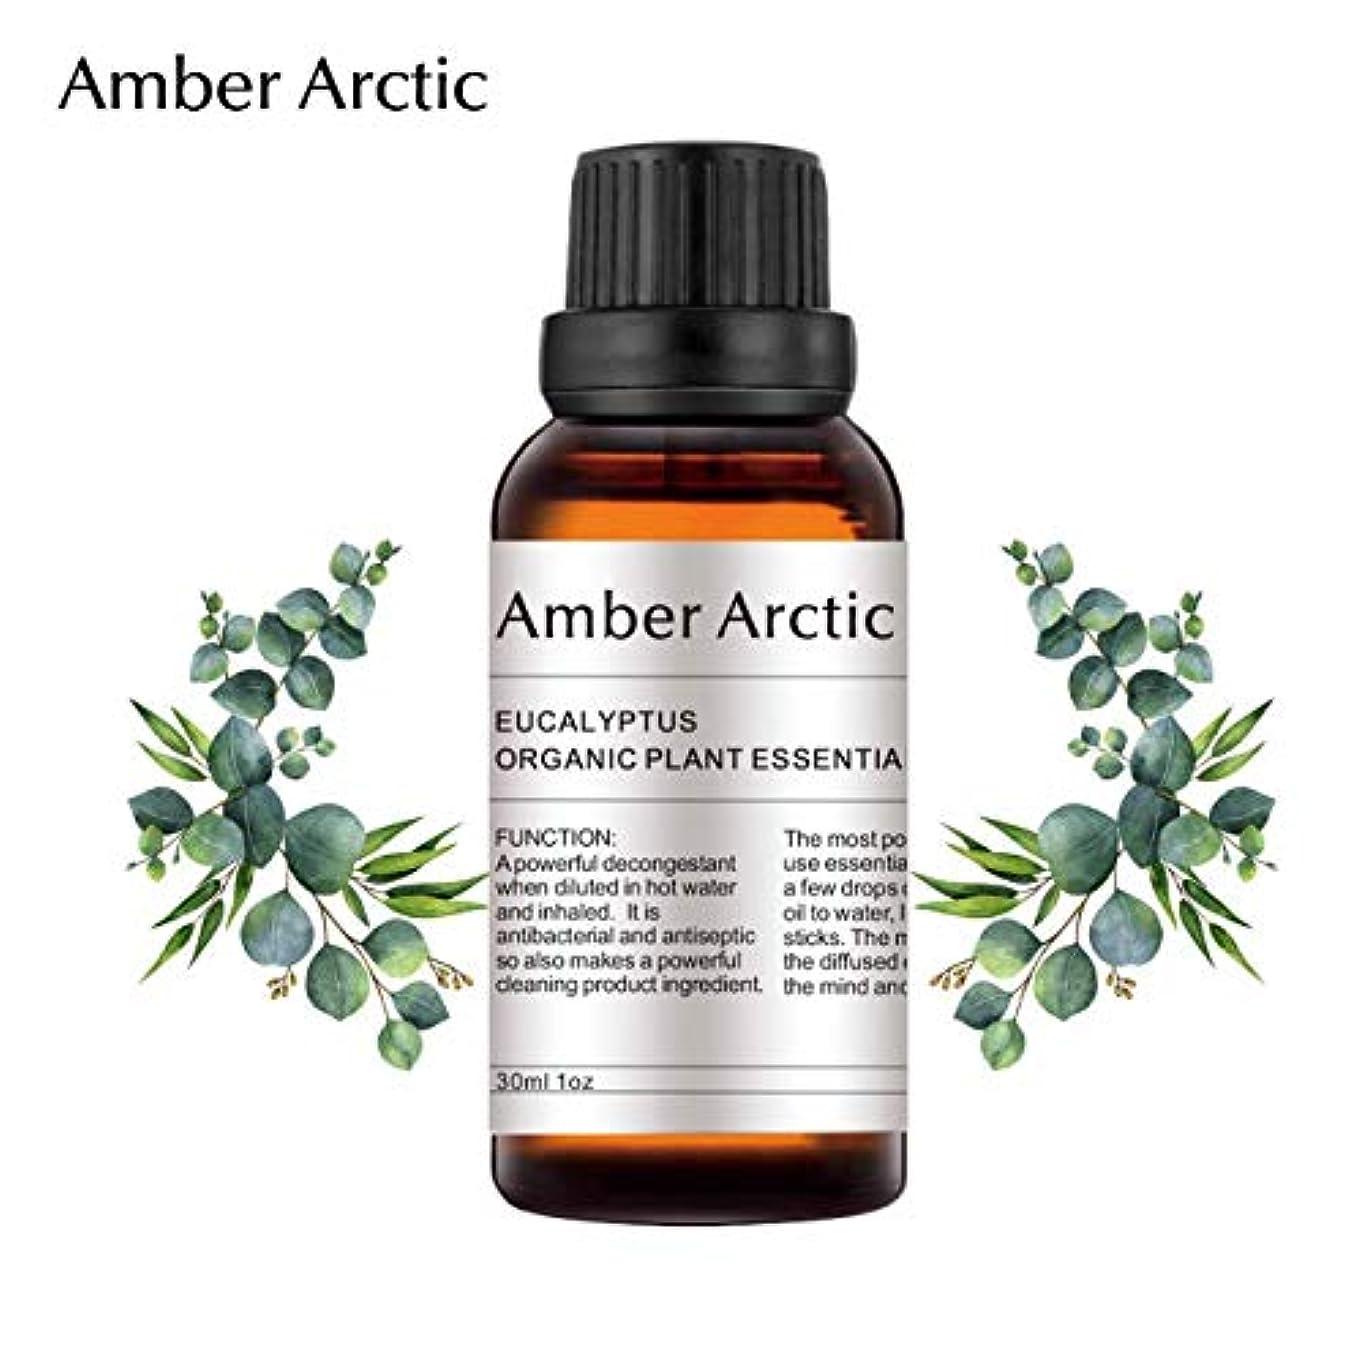 不明瞭ベックス休戦AMBER ARCTIC エッセンシャル オイル ディフューザー 用 100% 純粋 新鮮 有機 植物 セラピー オイル 30Ml ユーカリ ユーカリ